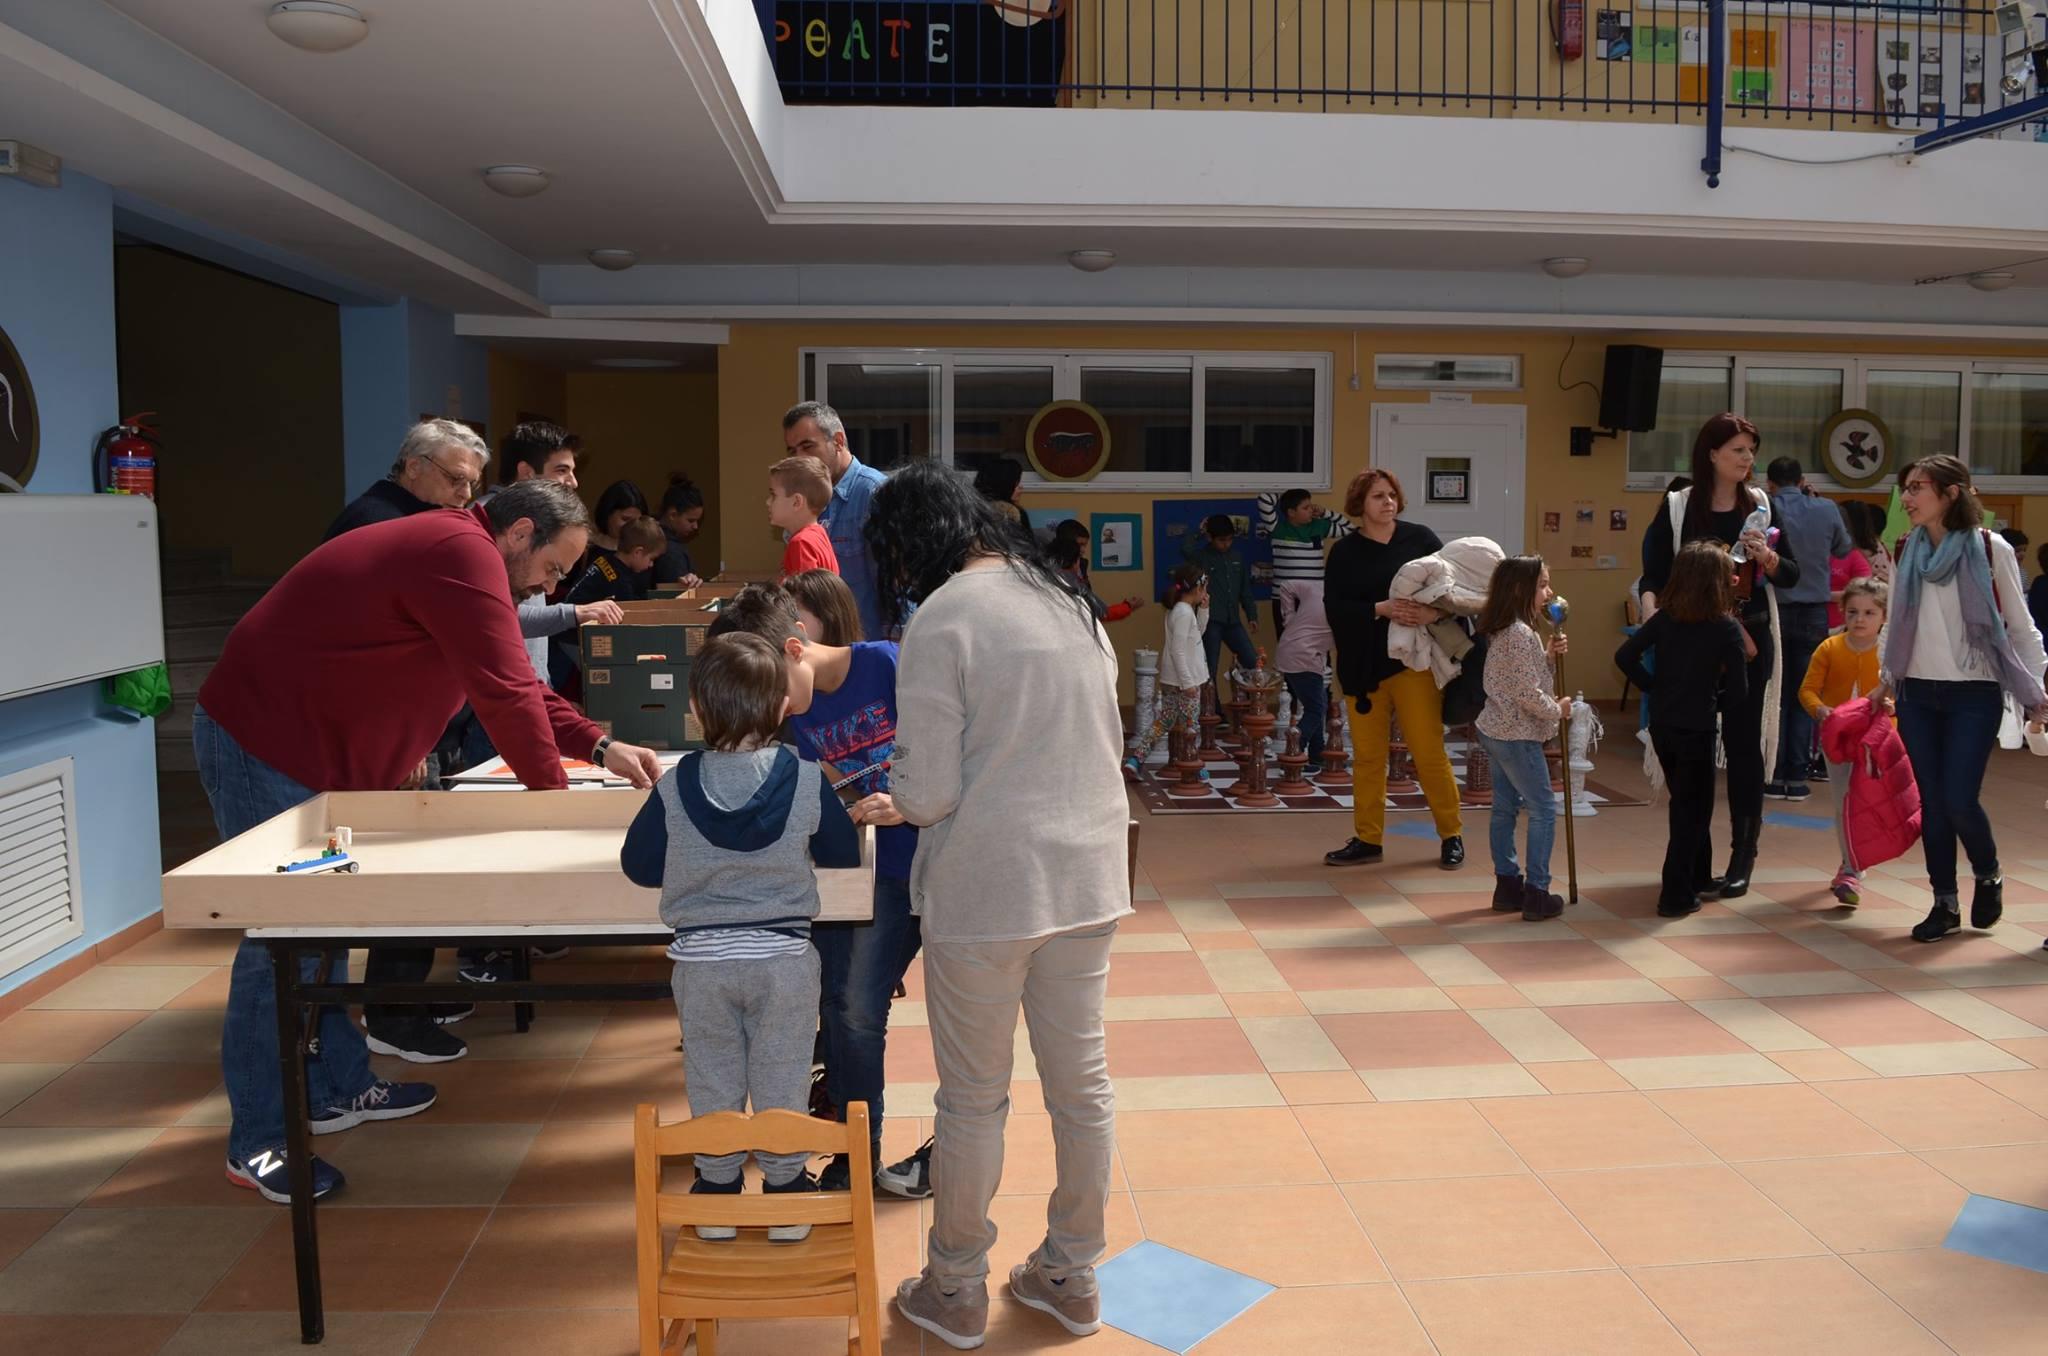 Εκπαιδευτήρια Μπουγά: Ξεκινούν οι βιβλιοδρομίες στις 10 Μαρτίου!